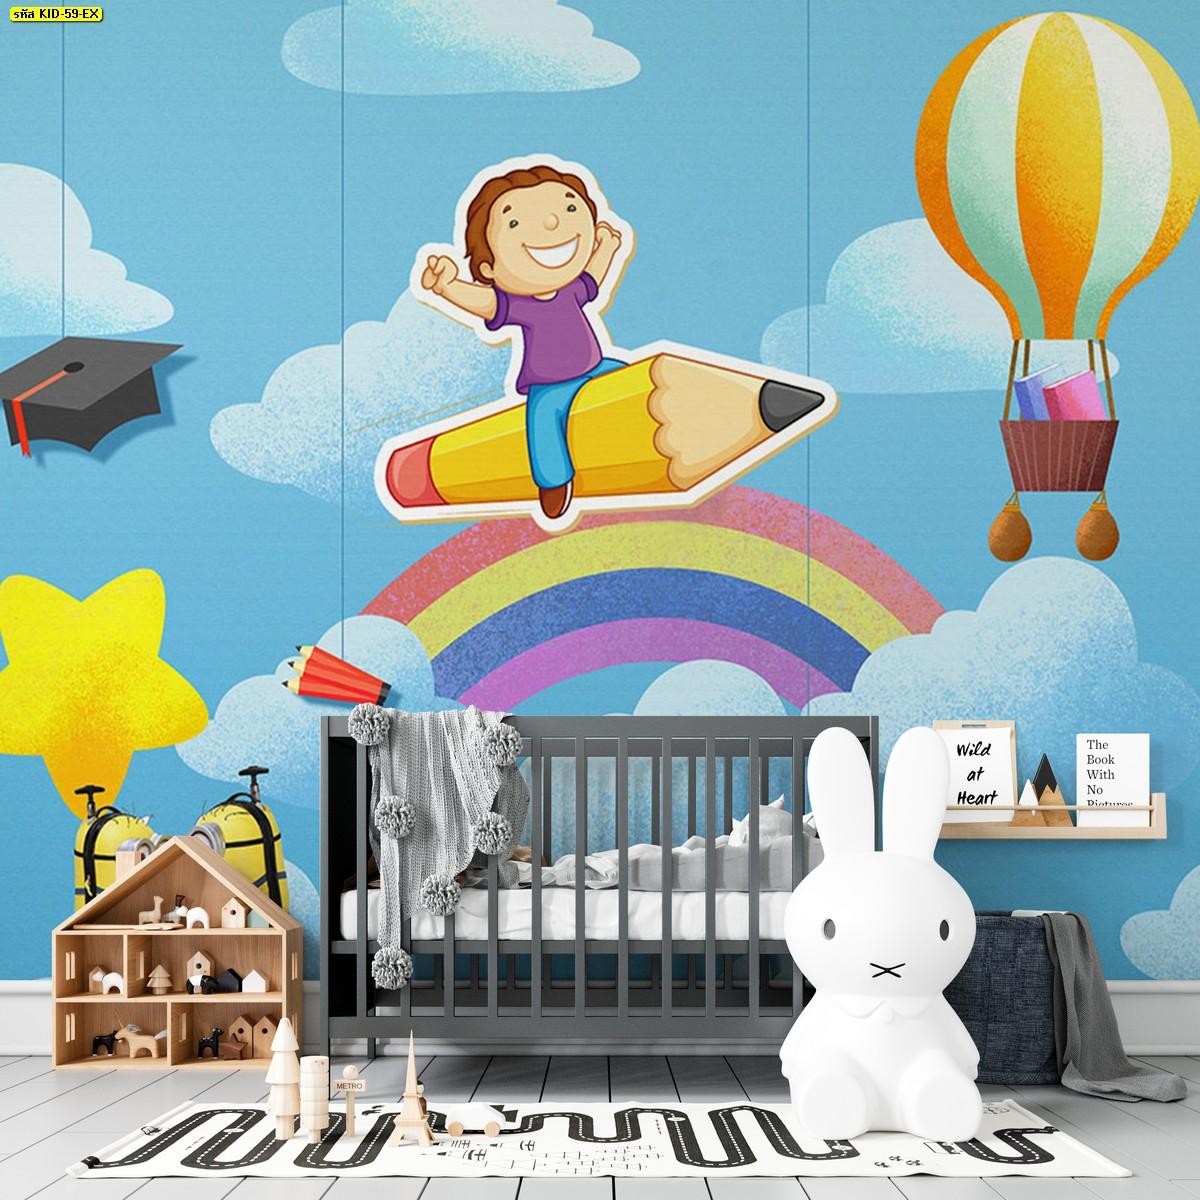 วอลเปเปอร์ลายเครื่องเขียน วอลเปเปอร์เสริมสร้างการเรียน ตกแต่งห้องนอนเด็ก แต่งห้องลูกรัก